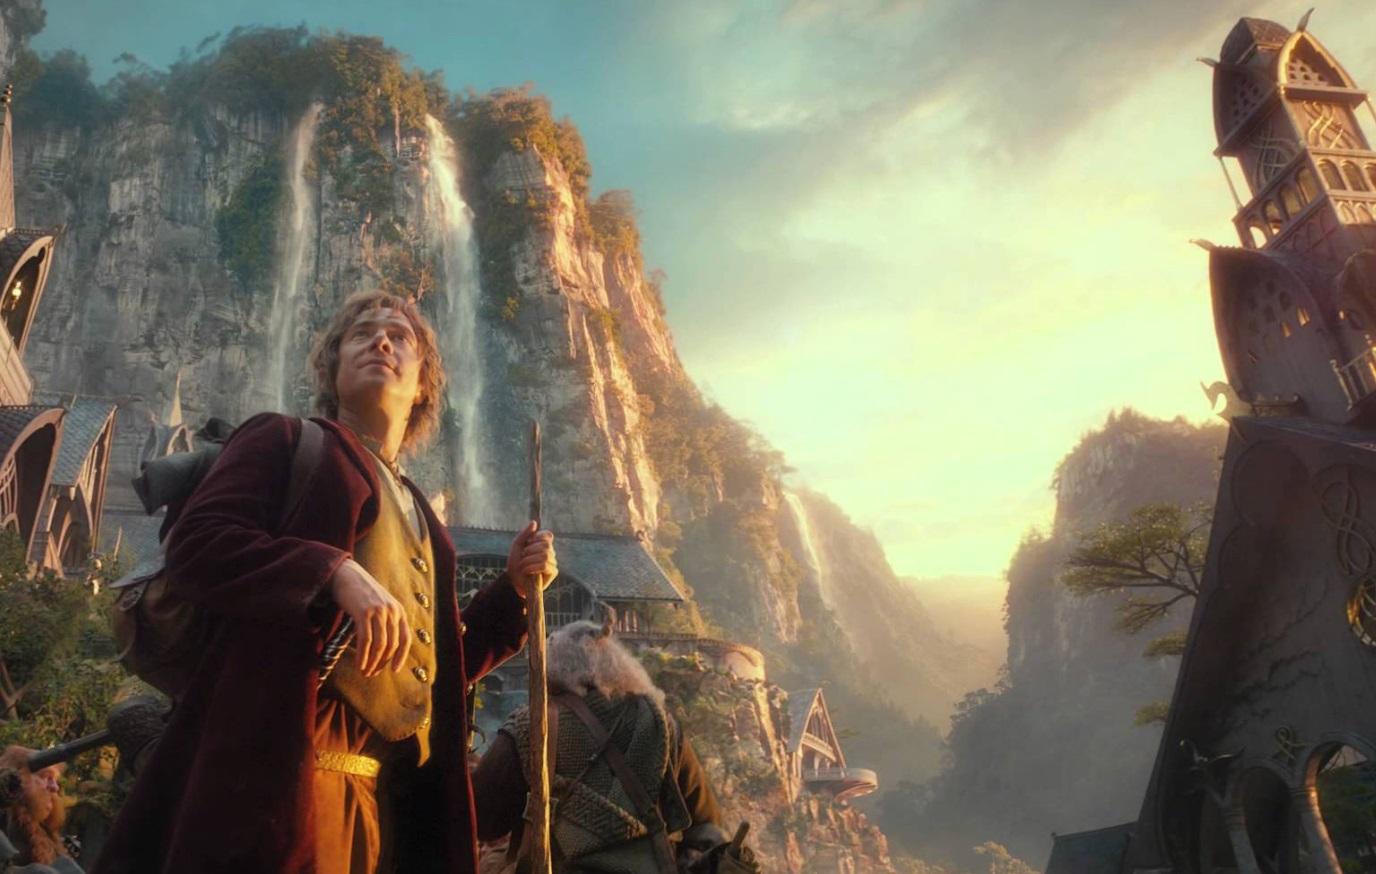 The Silmarillion trilogy adaptation rumors